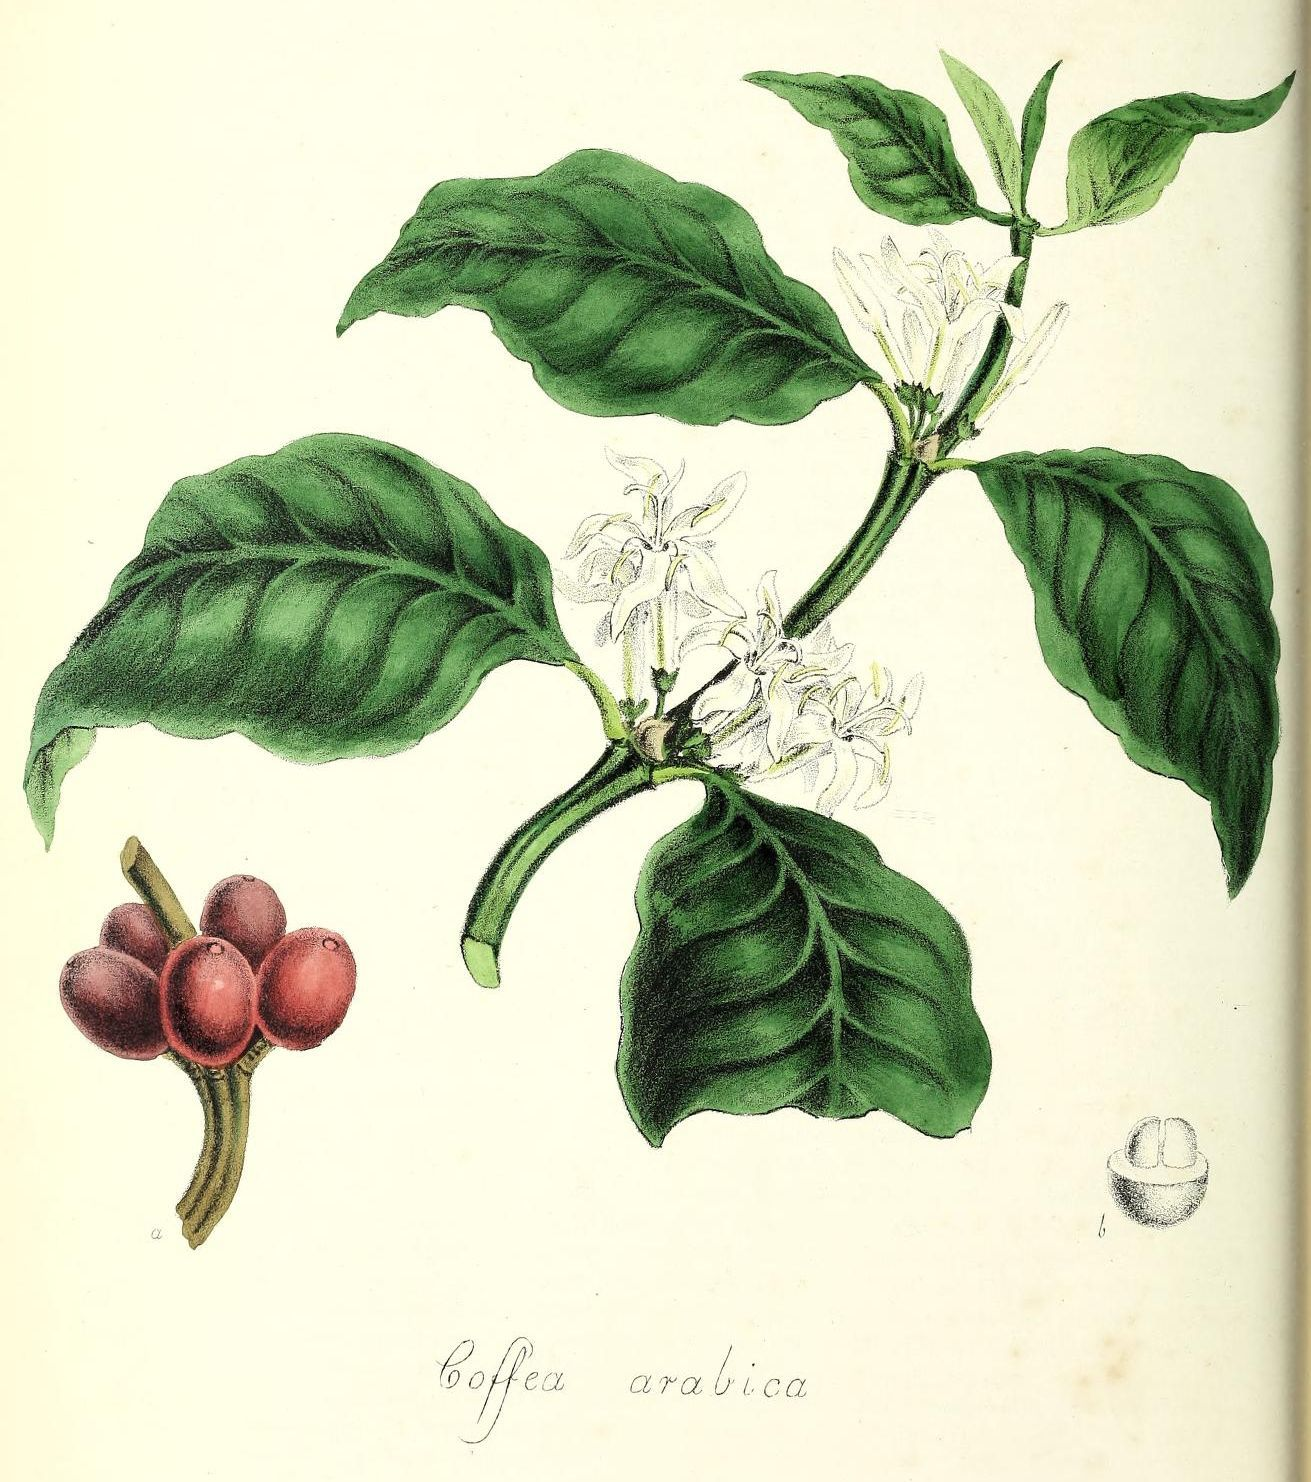 外が寒い中、室内ではコーヒーの実が熟す_c0025115_21031544.jpg